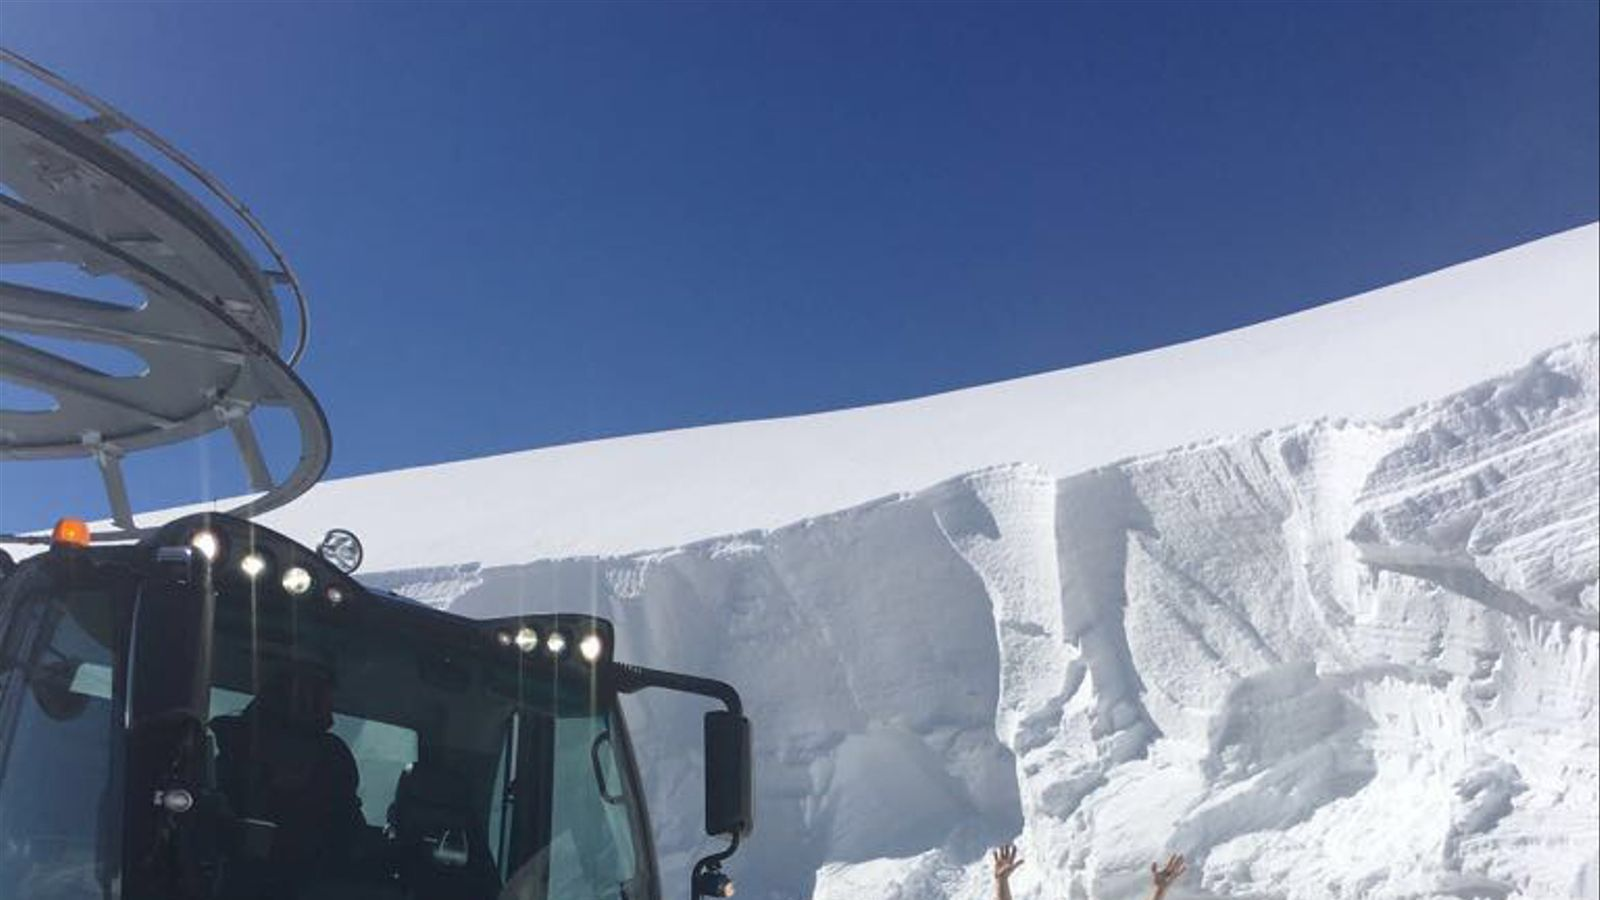 Tres metres i mig de neu al port de Creussans. / VALLNORD